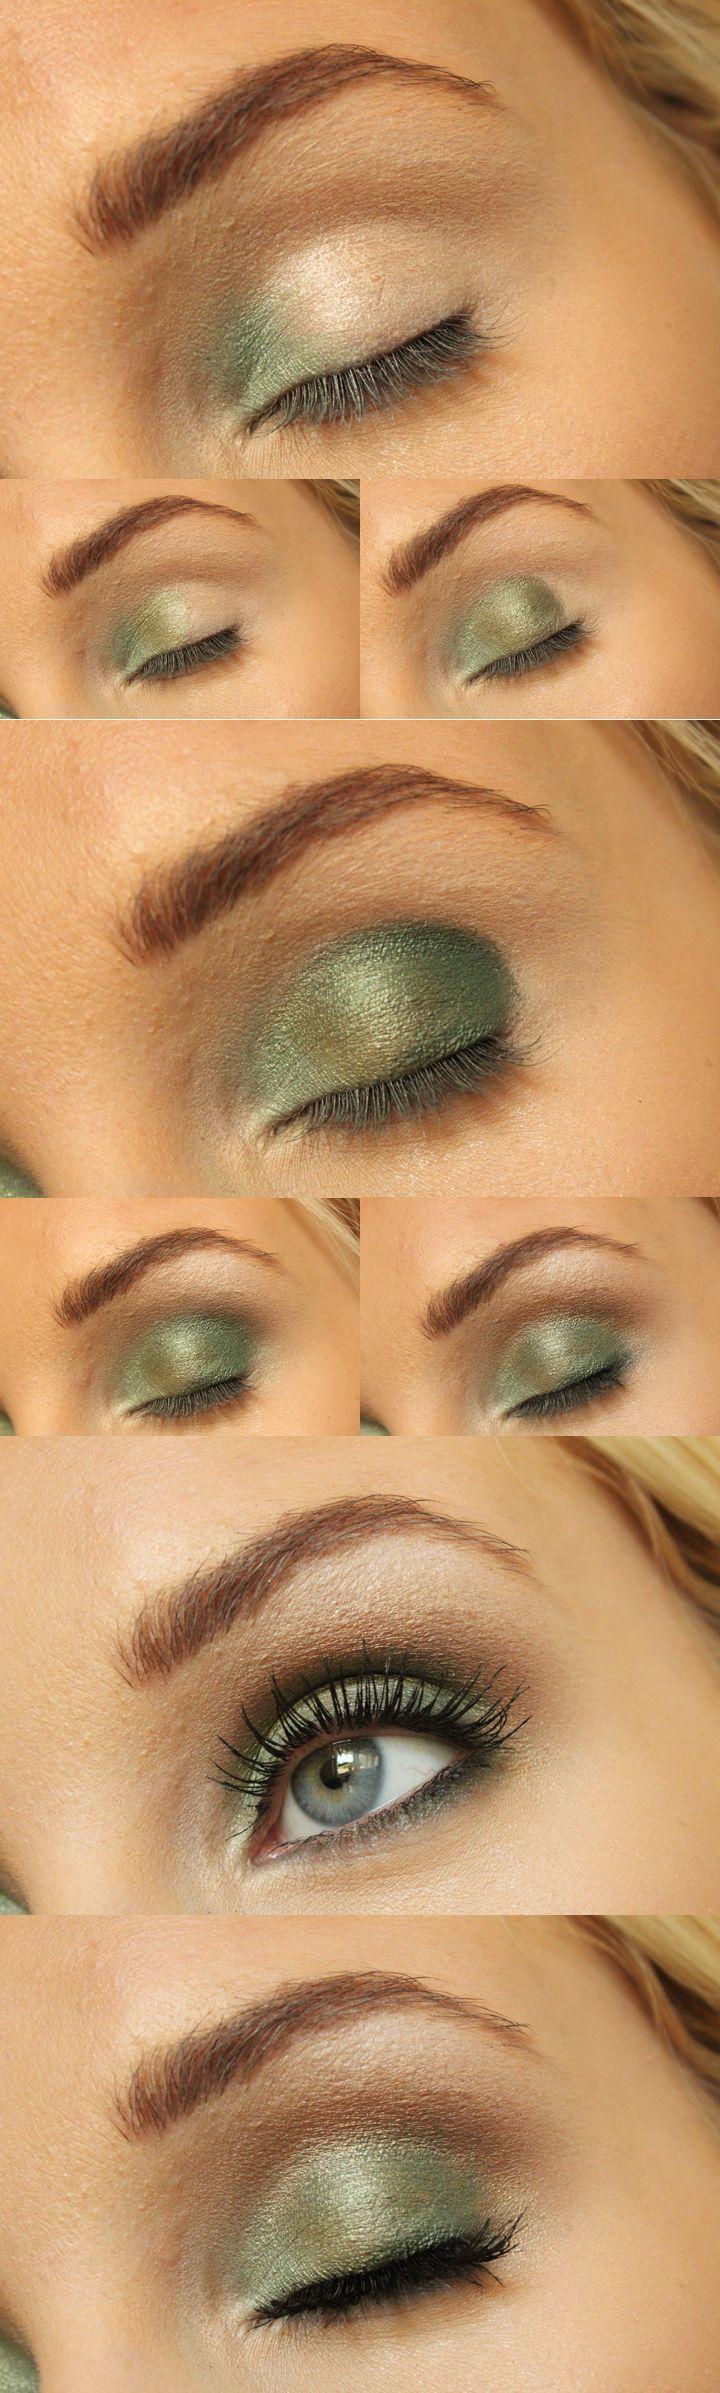 Camo eyeshadow tutorial